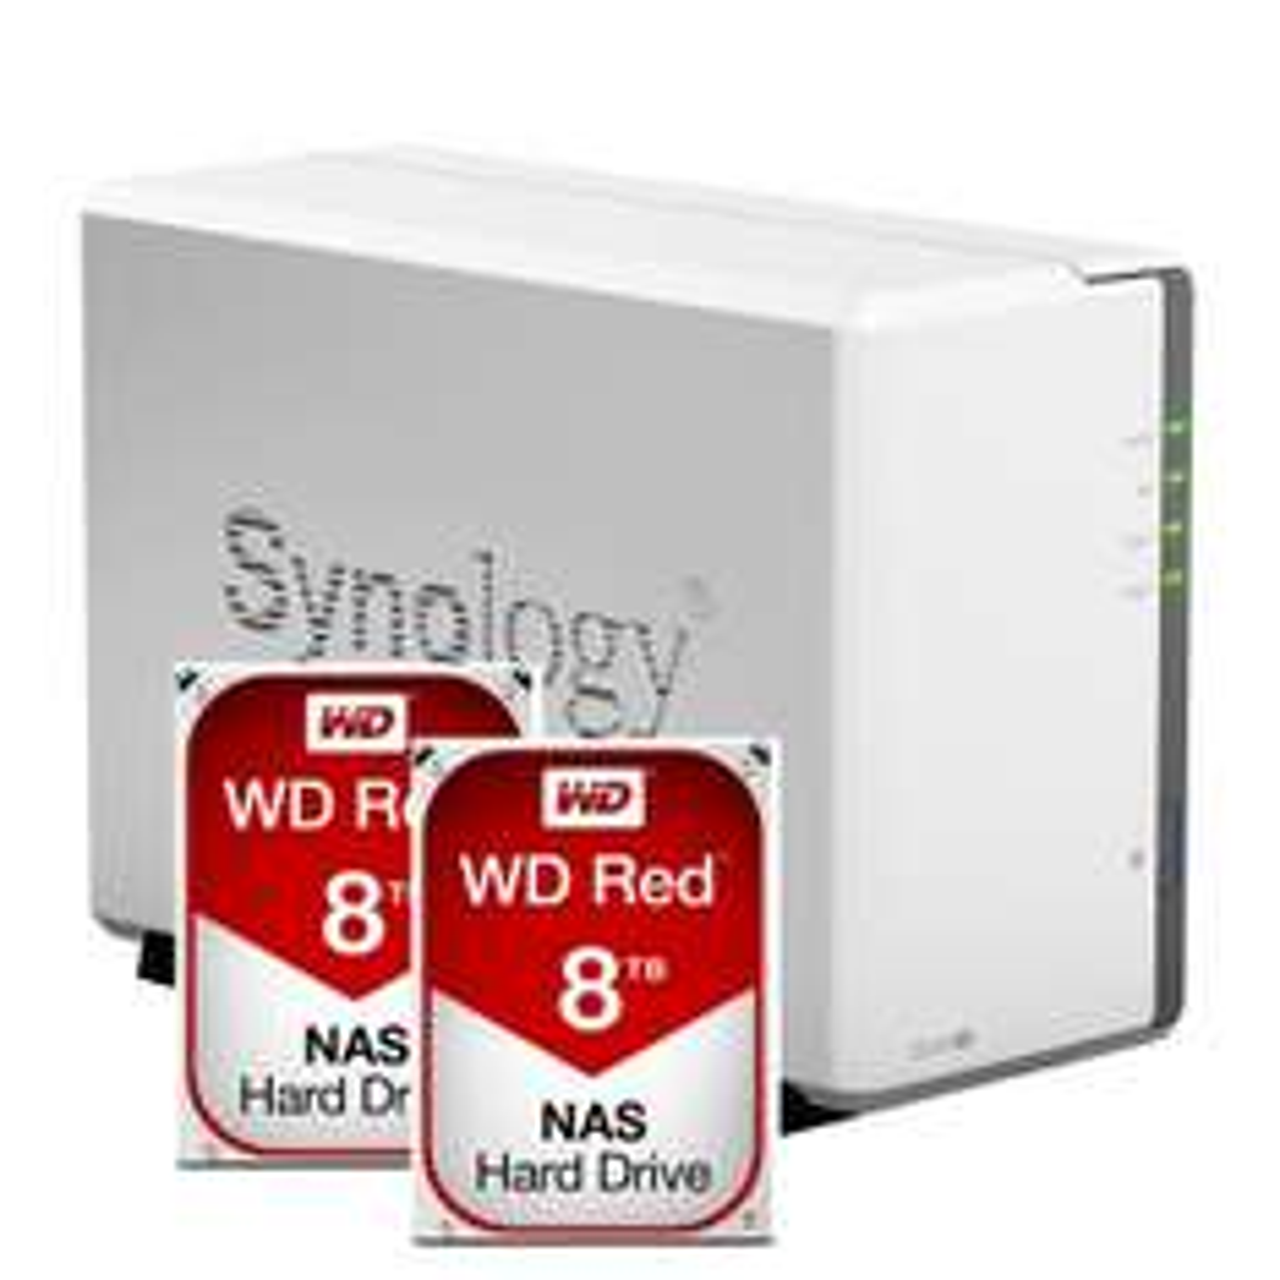 [Amazon.de] Preisfehler! SYNOLOGY DS216se NAS + 2x WD RED 8TB für 379,39€ - 52% sparen